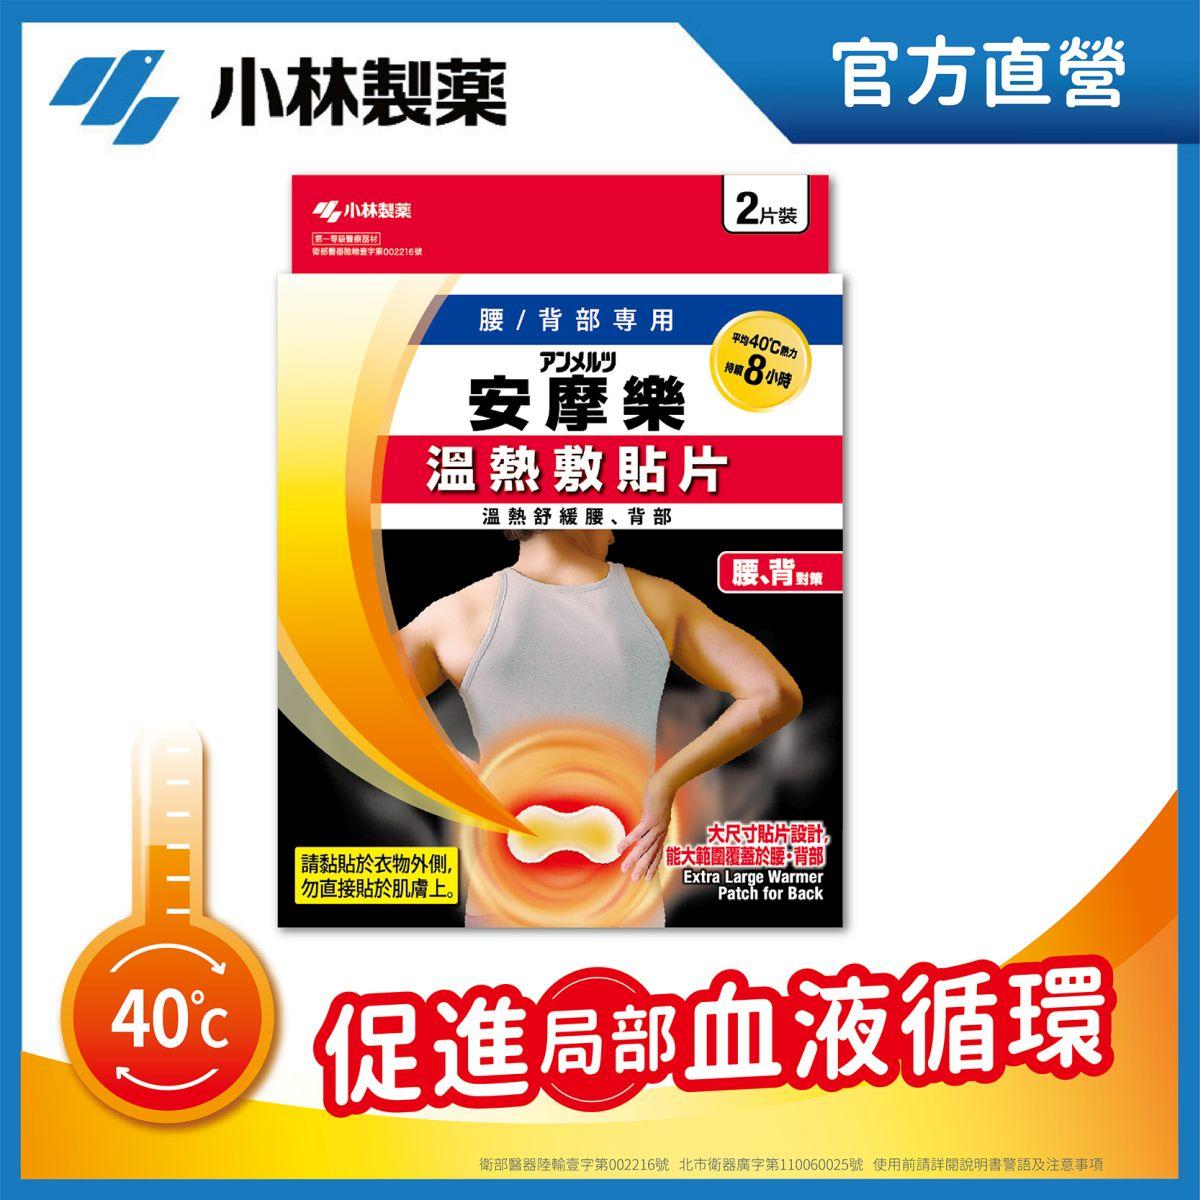 安摩樂溫熱敷貼片(腰背部專用)2片